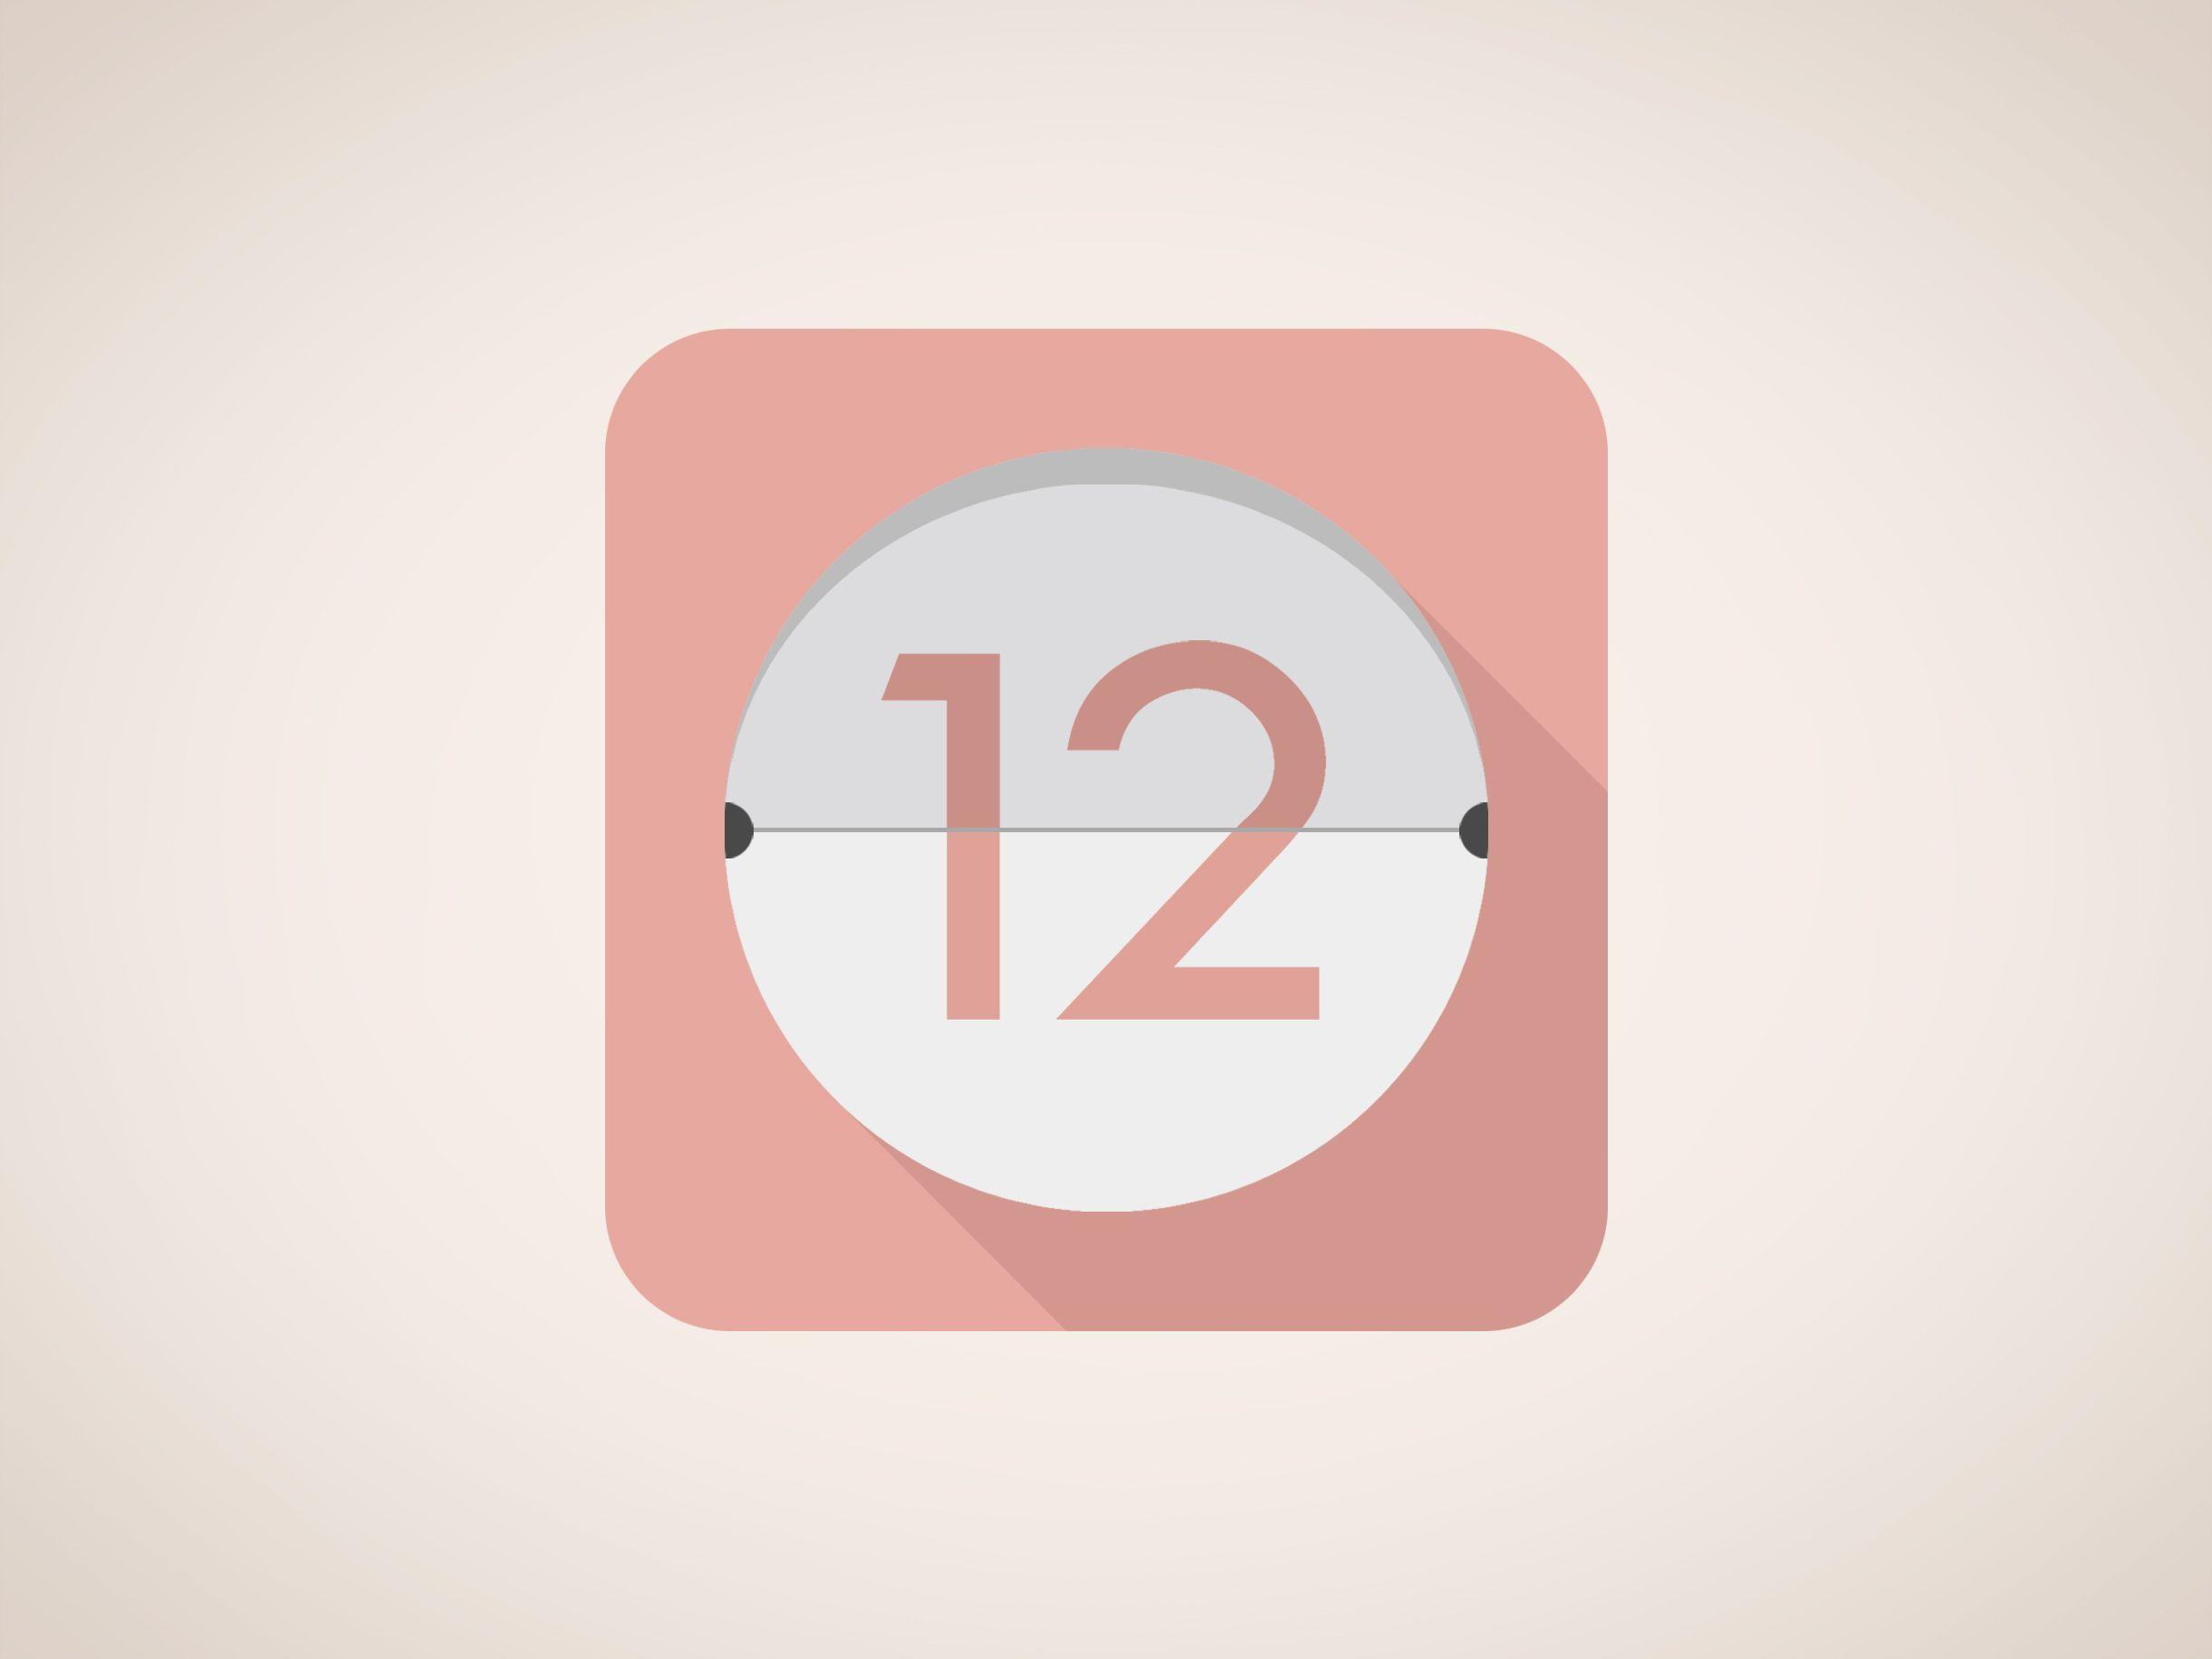 Calendar Icon Design | Calendar Design, Icon Design, Typo Design regarding Material Design Calendar Icon